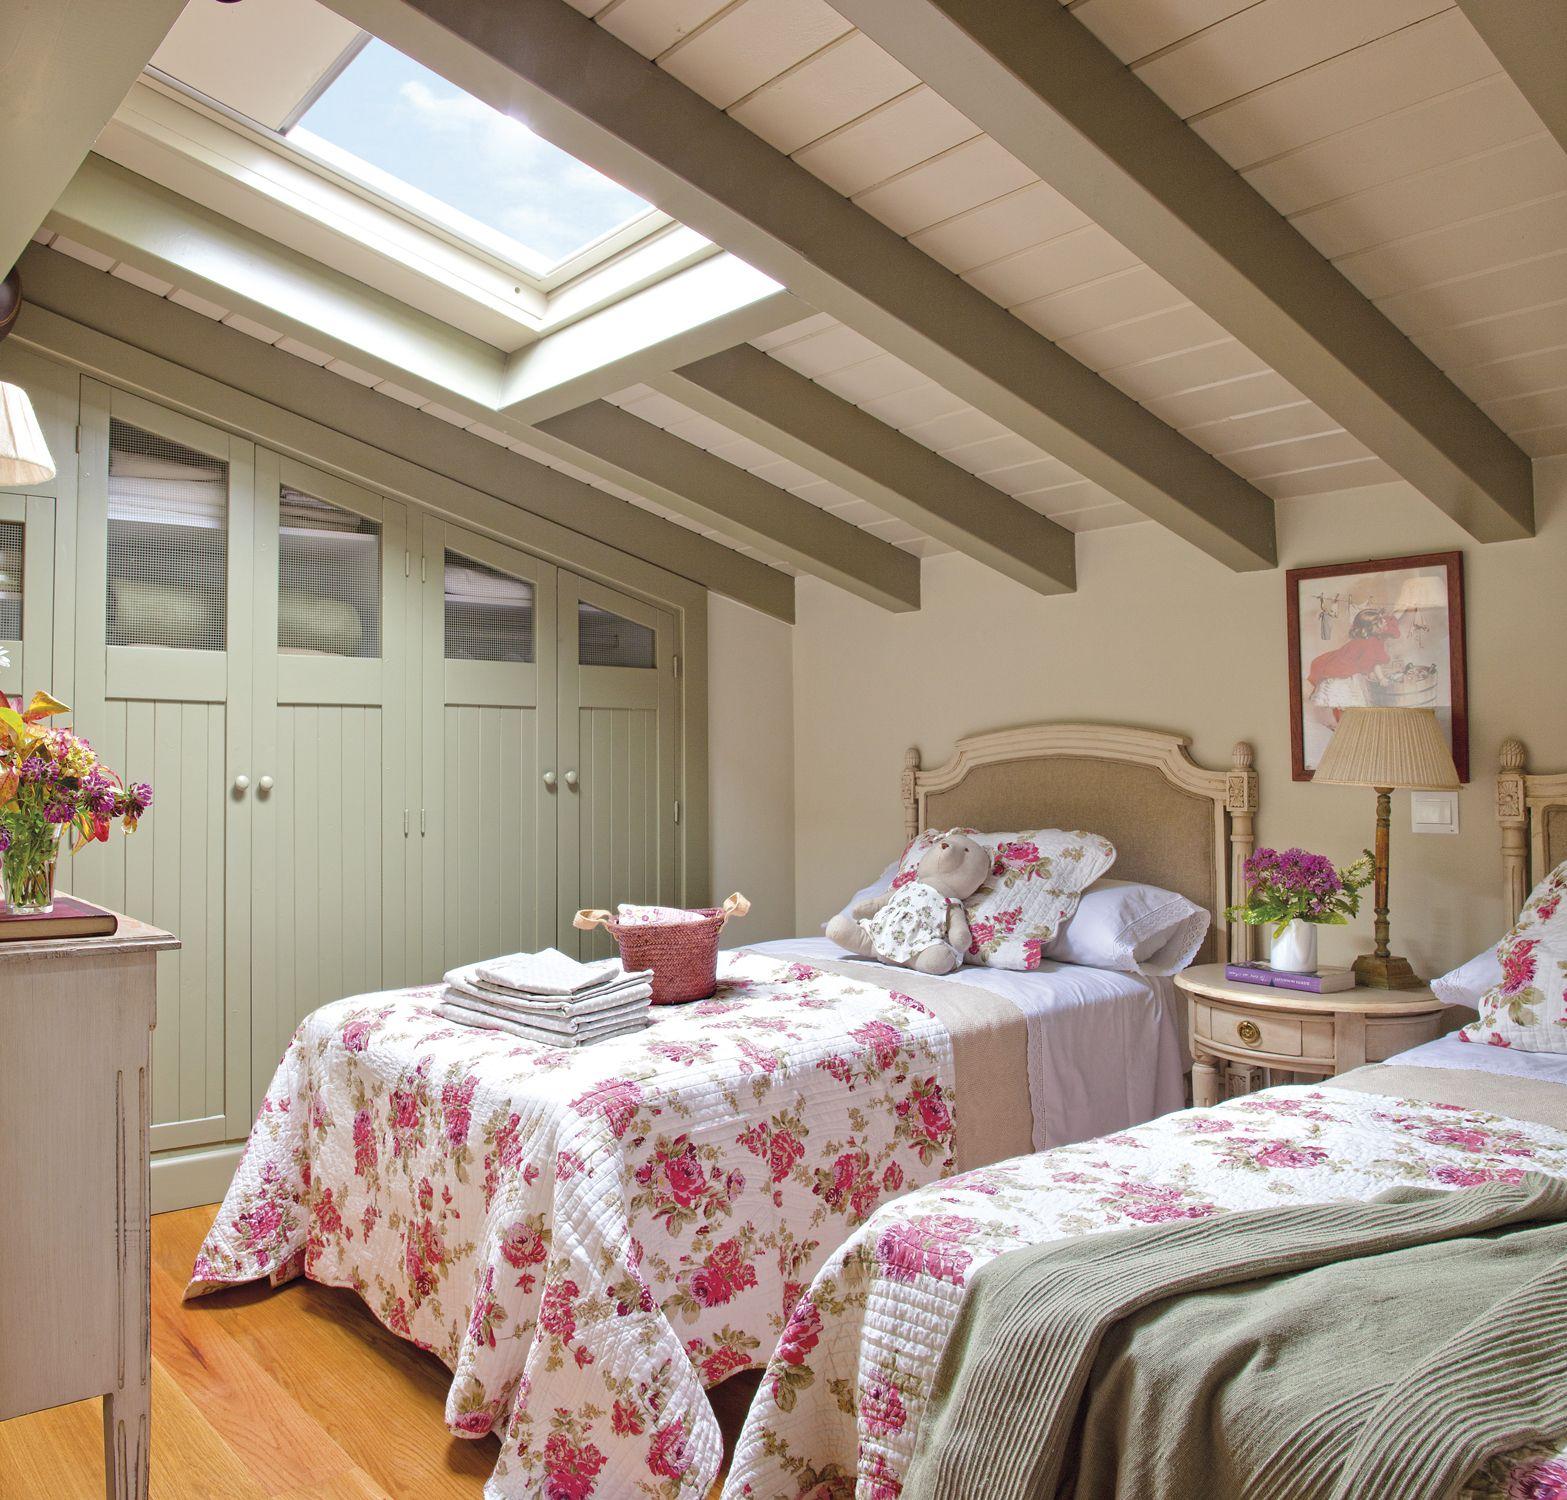 C mo decorar una buhardilla buhardillas para so ar pinterest dormitorio decoraci n y - Decorar una buhardilla ...